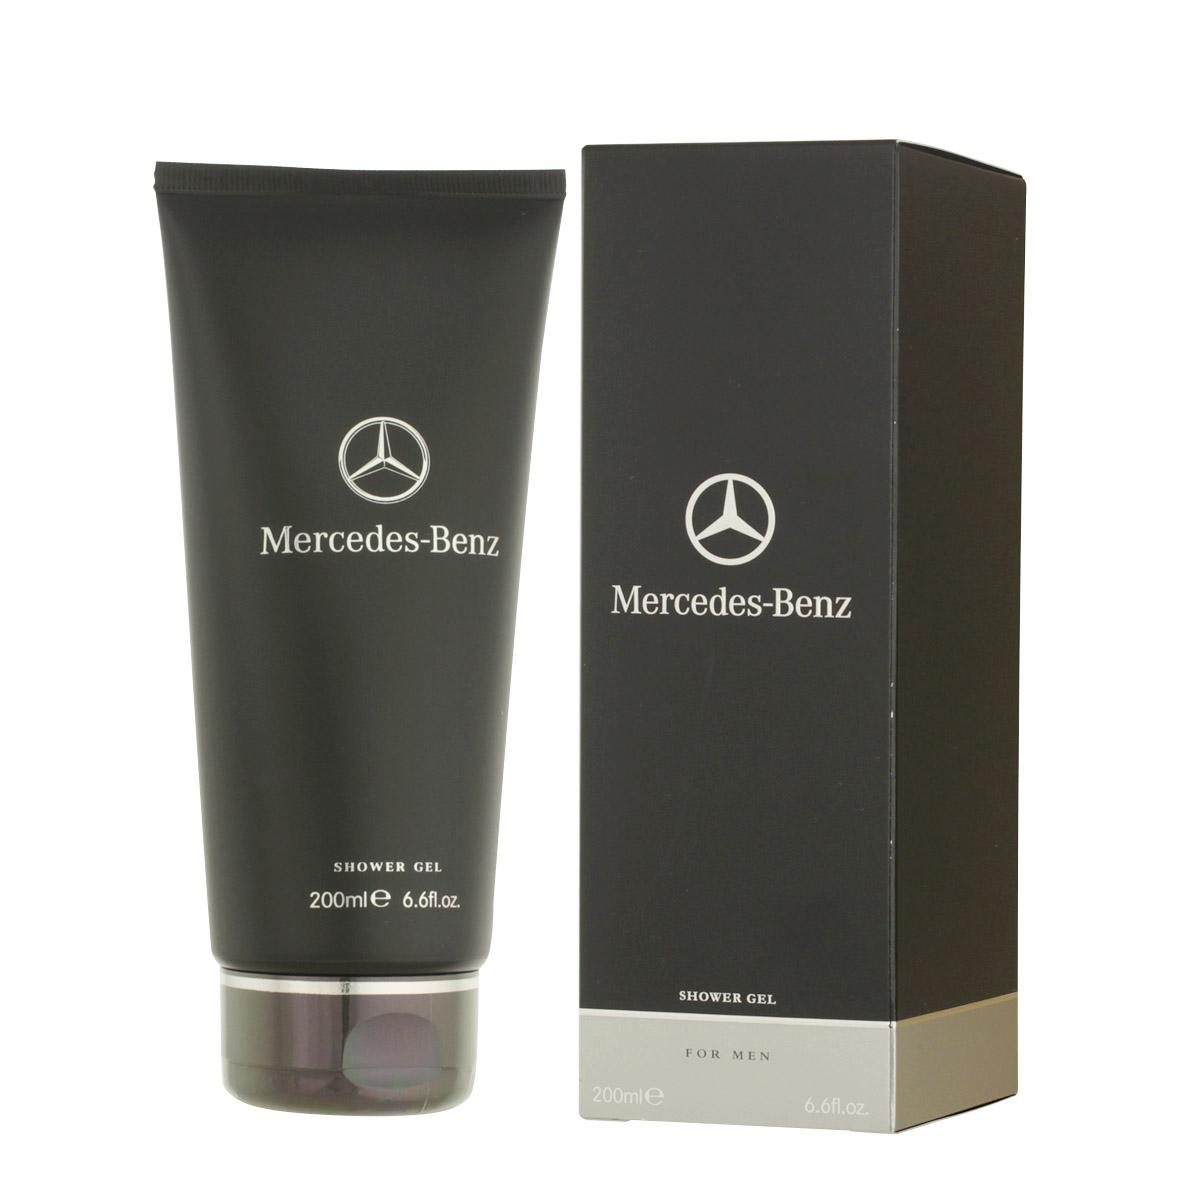 Mercedes-Benz Mercedes-Benz Duschgel 200 ml (man) 74008